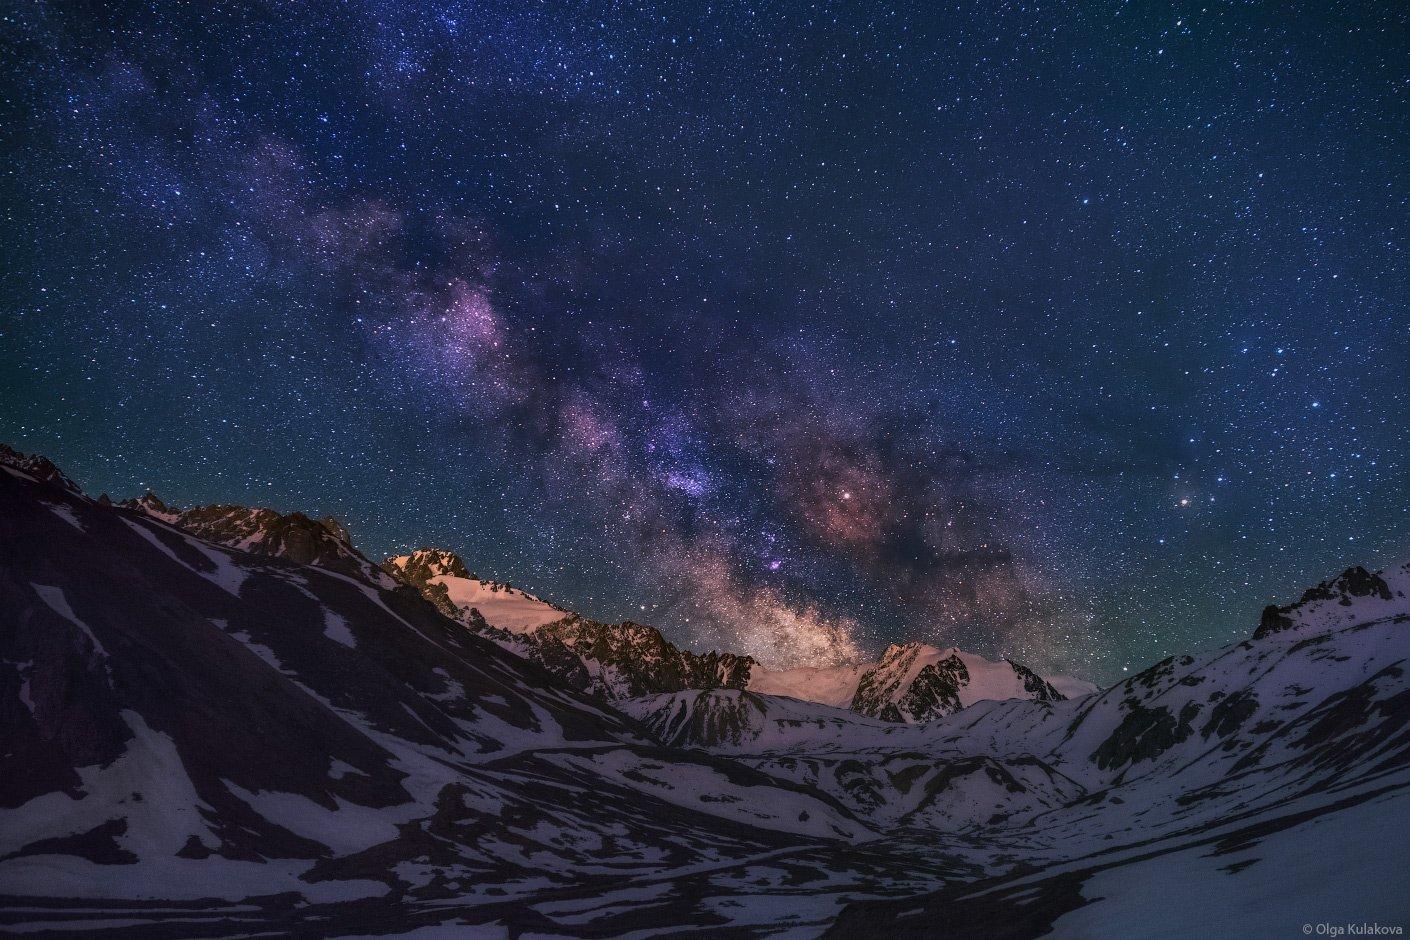 млечный путь, ночь, ночное небо, звездная ночь, туюк-су, ночной пейзаж, Ольга Кулакова